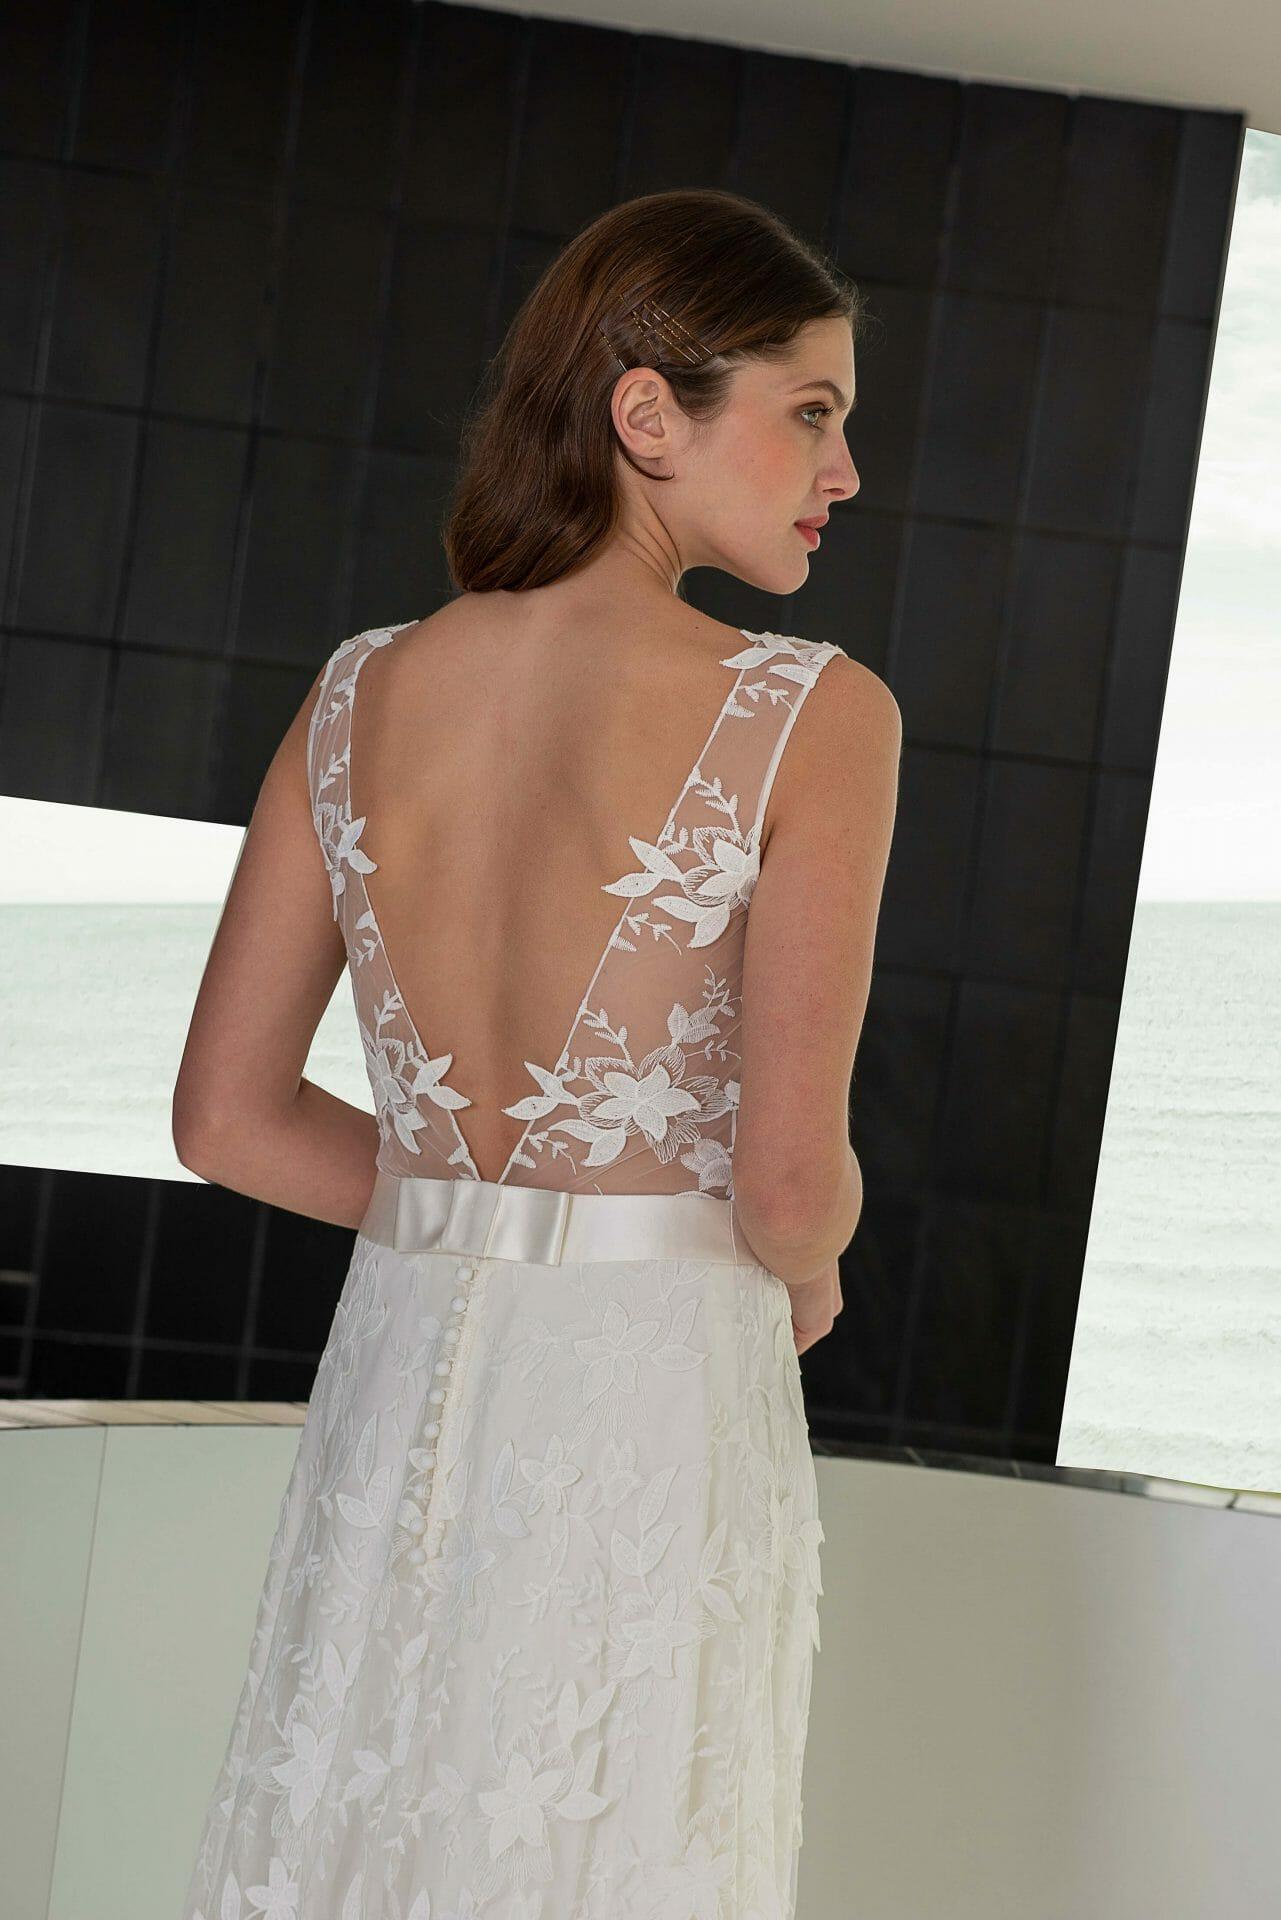 La robe de mariée Bonifacio, en gros plan, style bohème fabriquée en France par Lambert Créations pour Croquelune